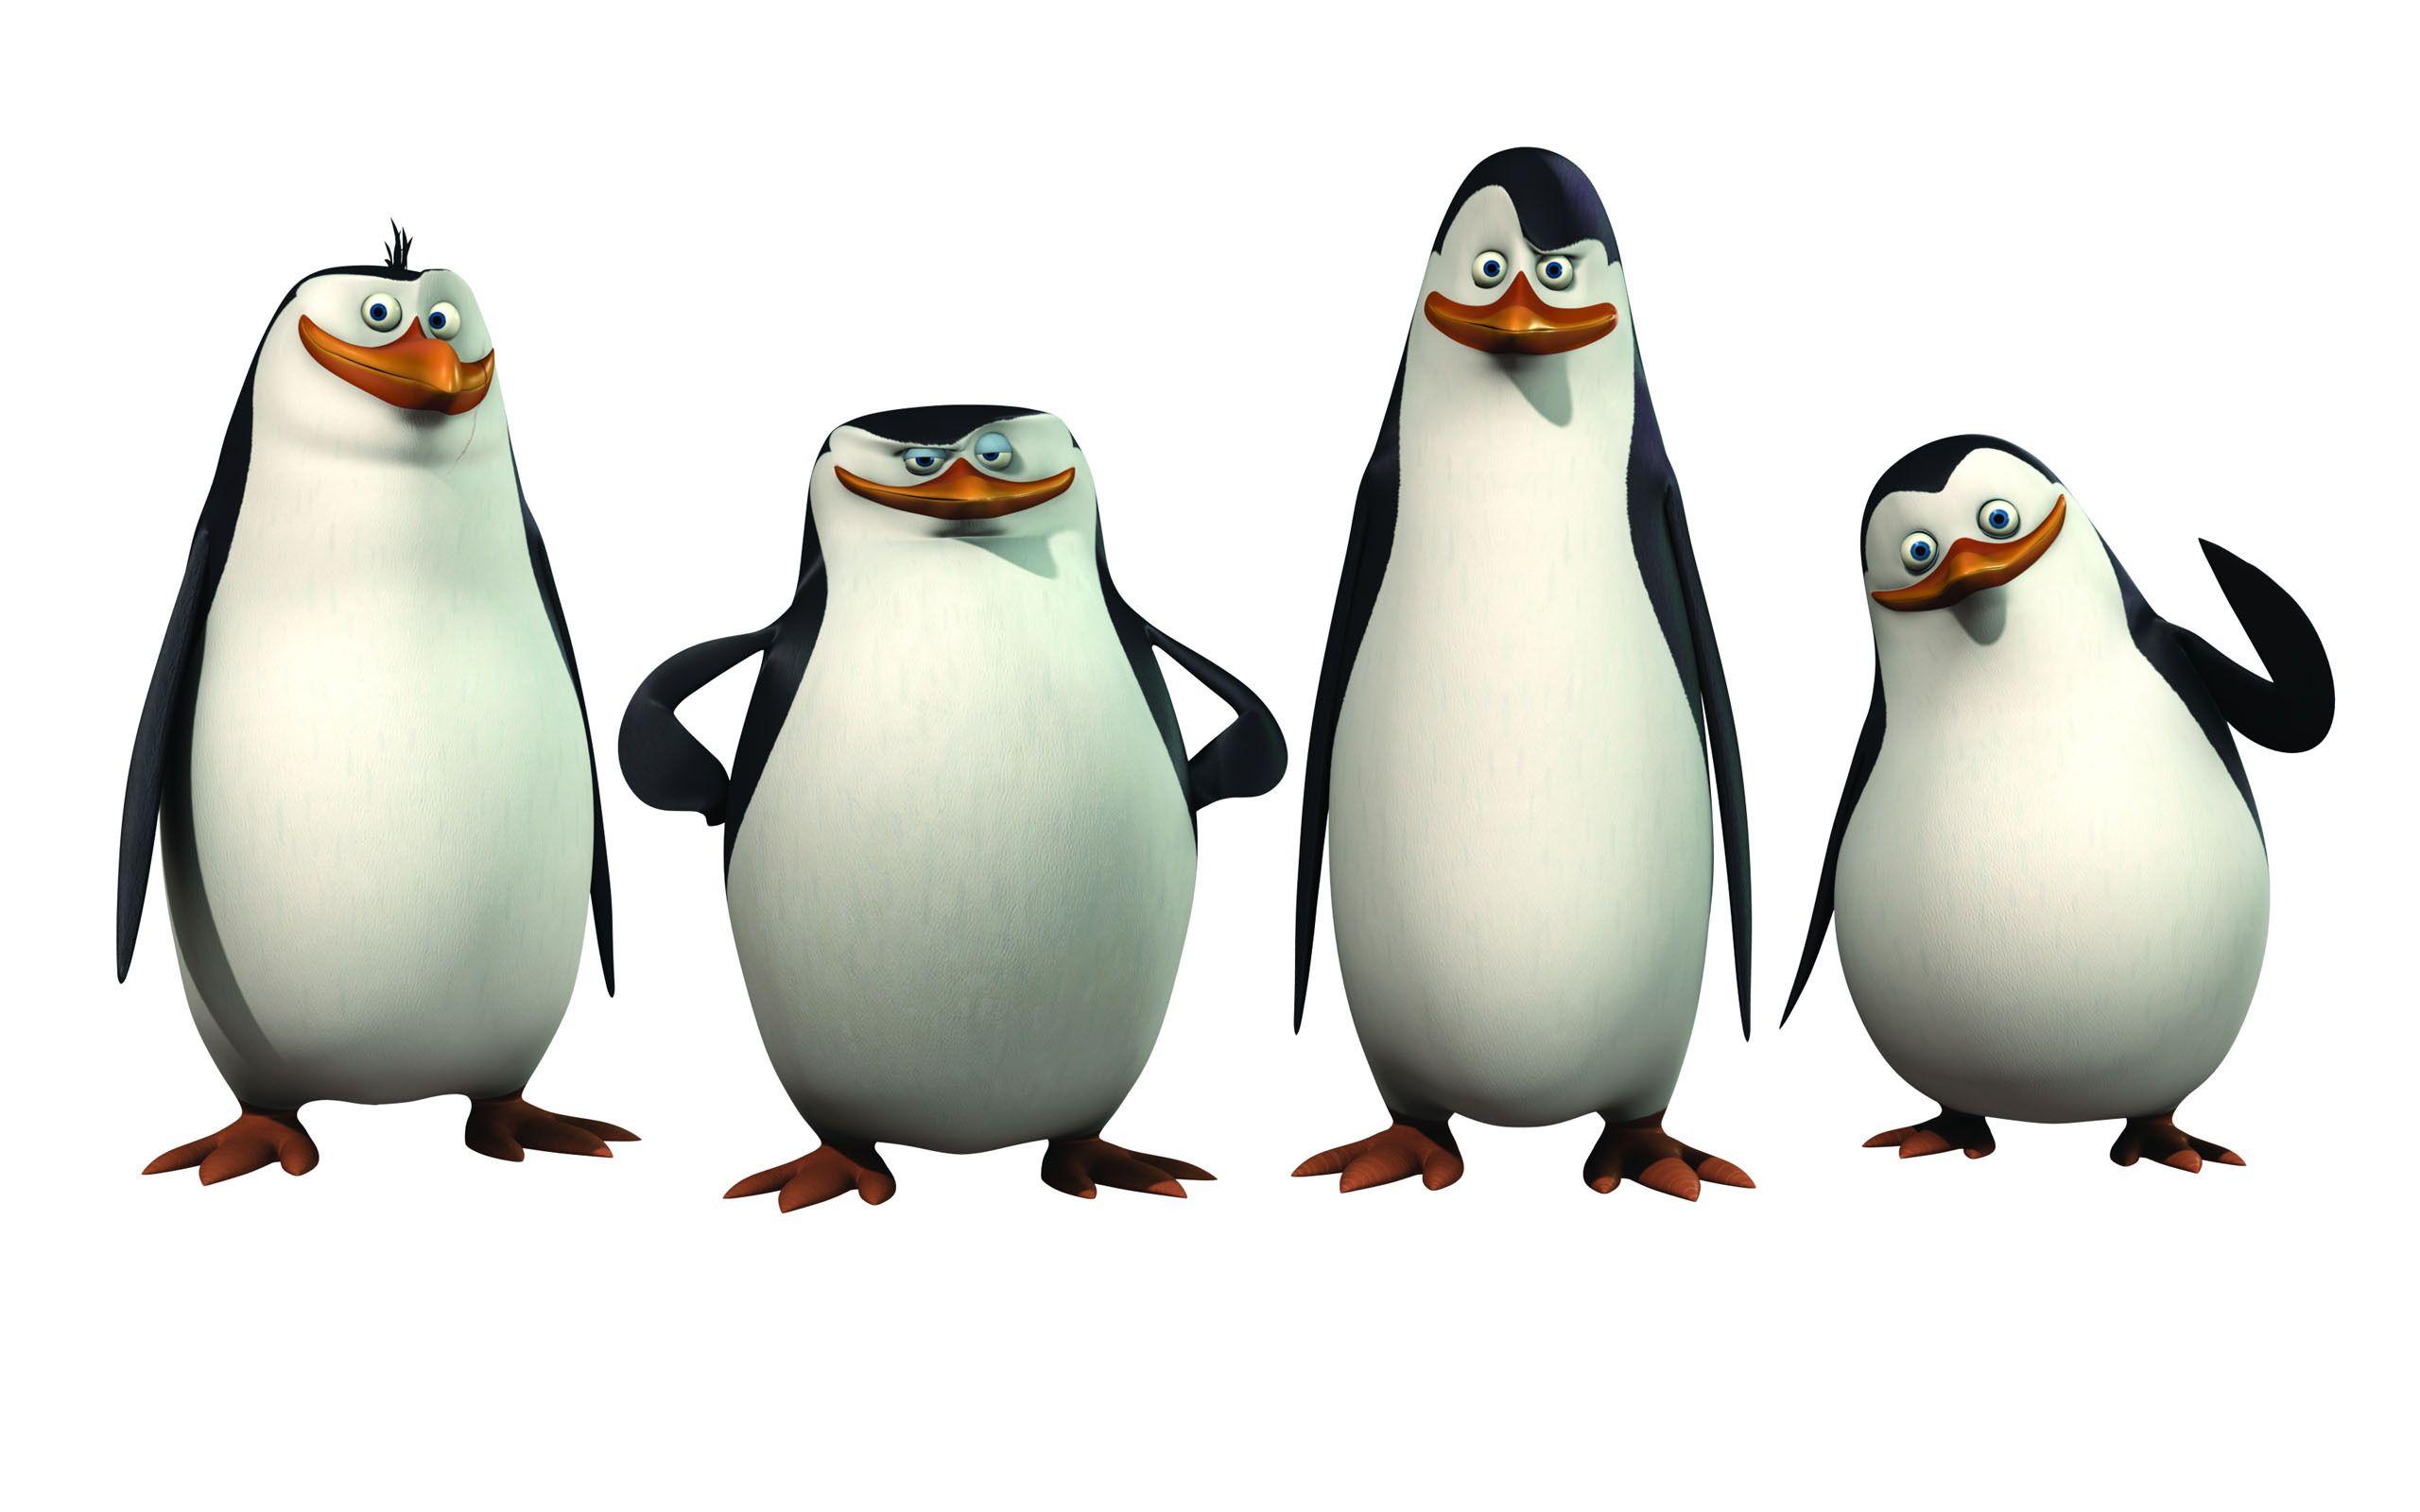 Cartoon Penguins Images - ClipArt Best | Penquins ...